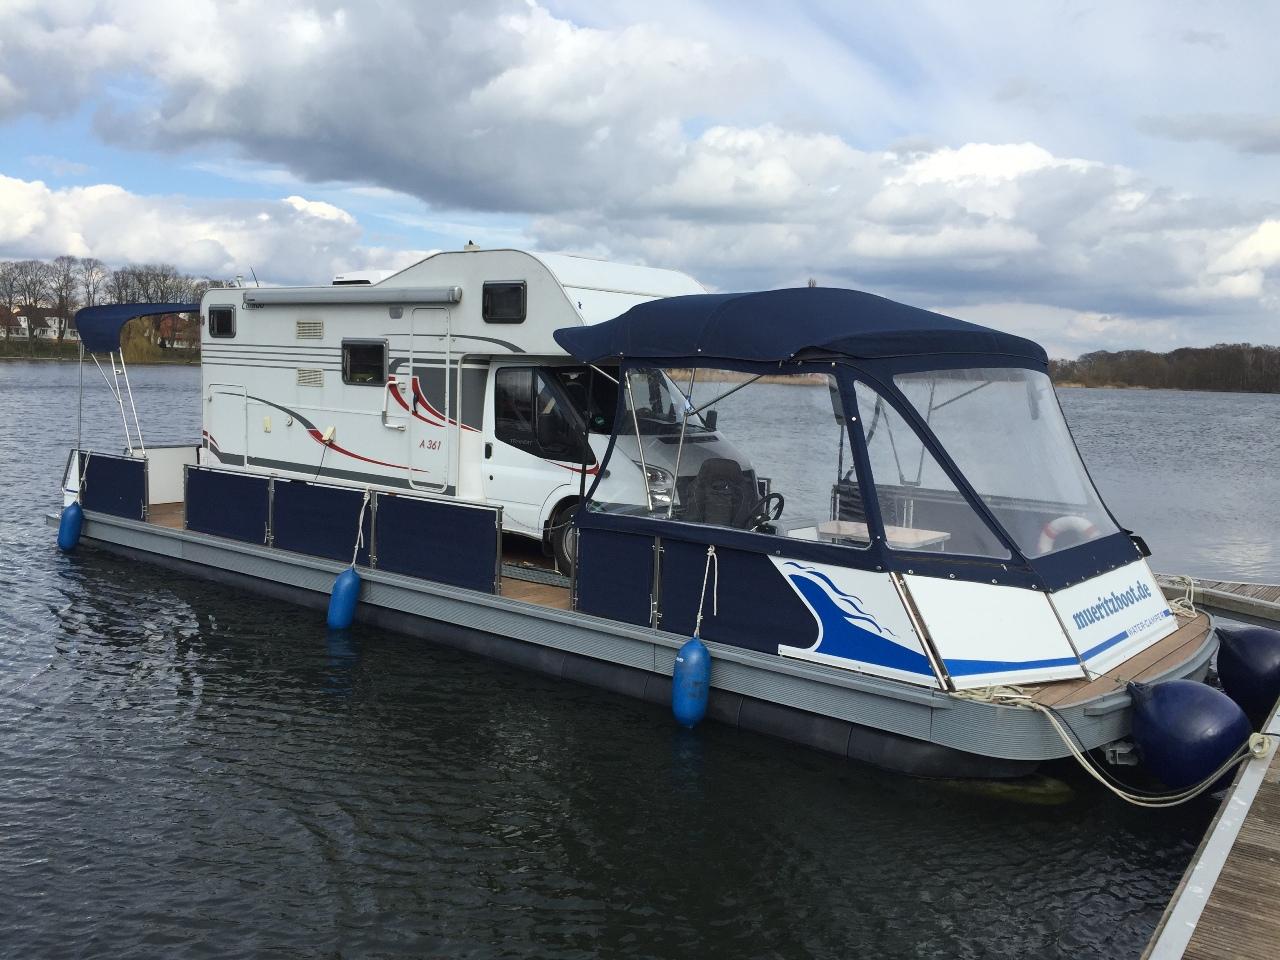 Wassercamper | Camping auf dem Wasser mit dem eigenen Wohnmobil-Hausboot